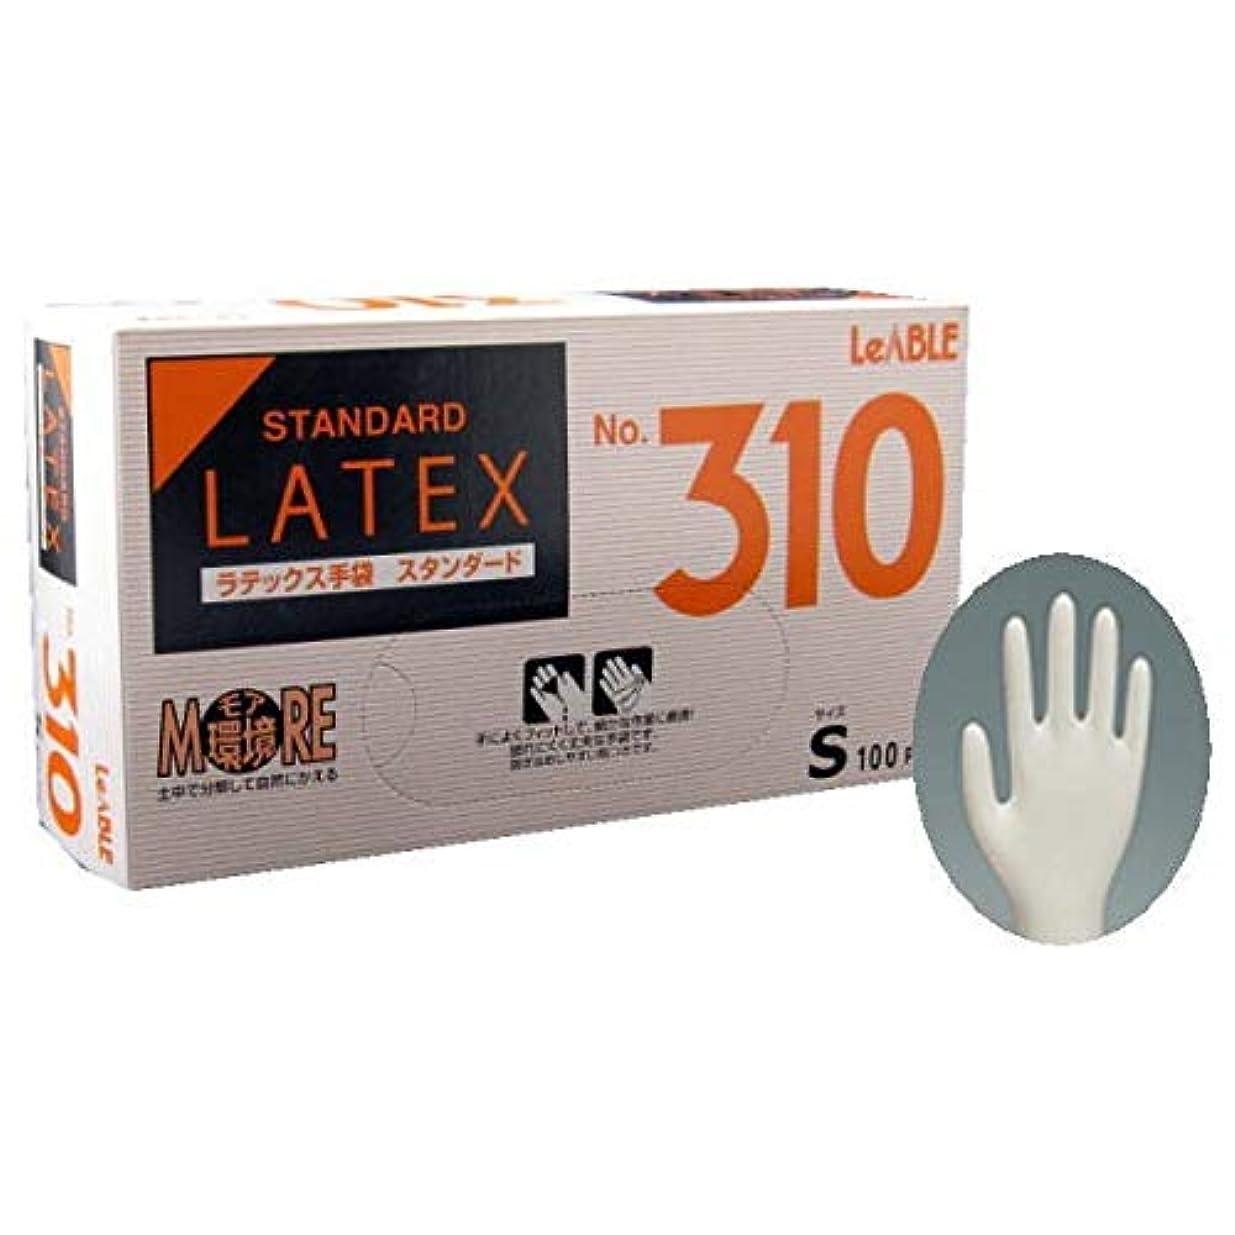 壮大なほこりっぽい肺No.310 ラテックススタンダード 粉付 (S) 白 100枚入20箱